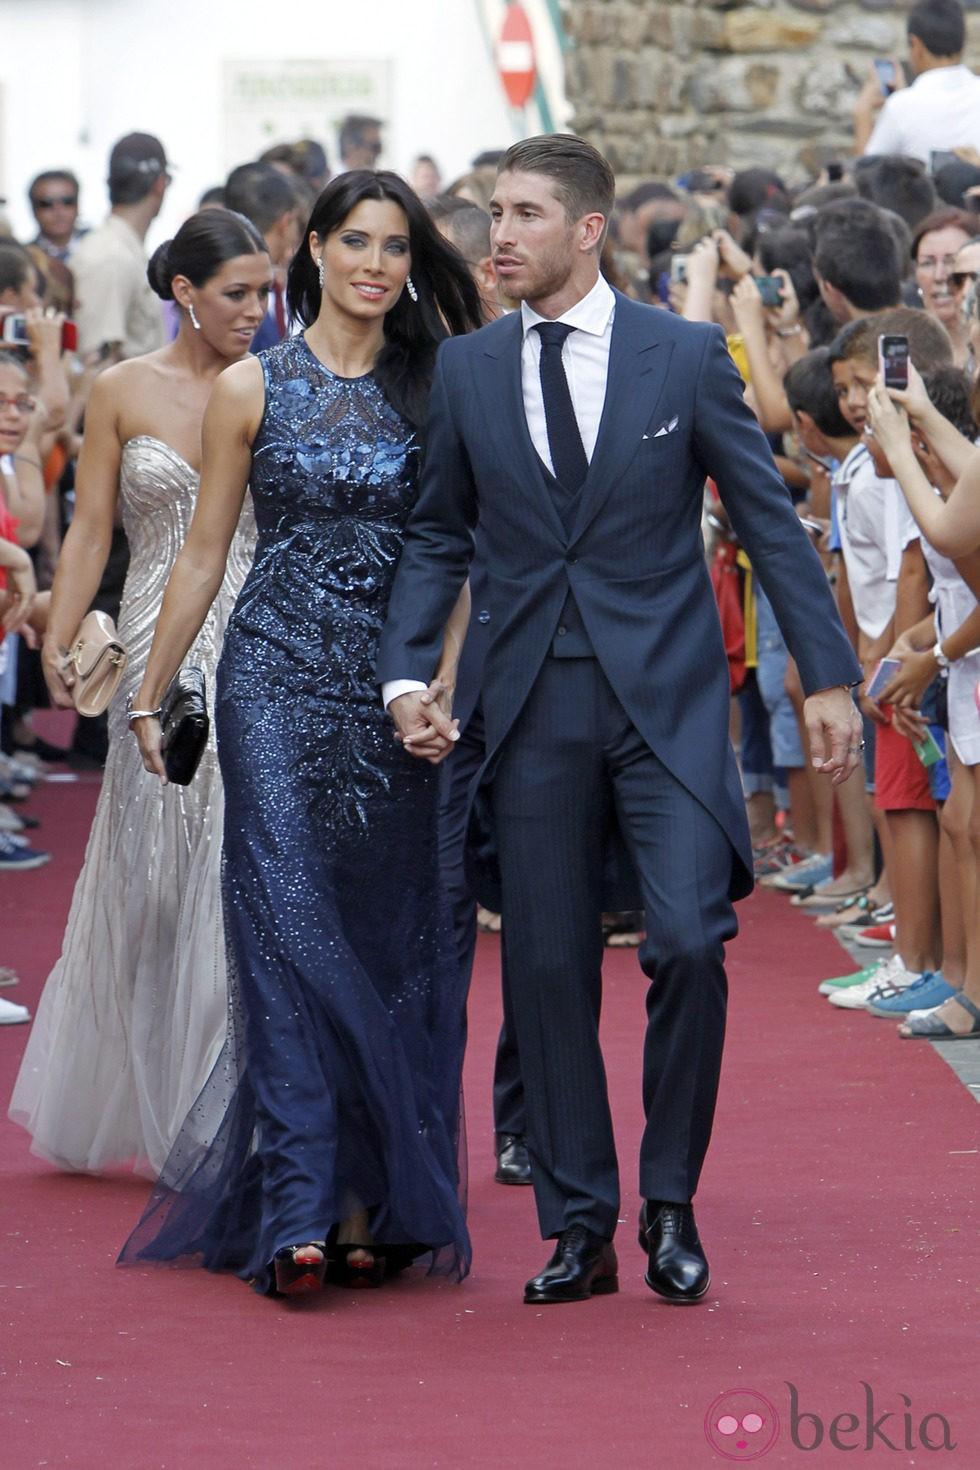 Pilar Rubio Y Sergio Ramos 2013 Sergio Ramos y Pilar R...